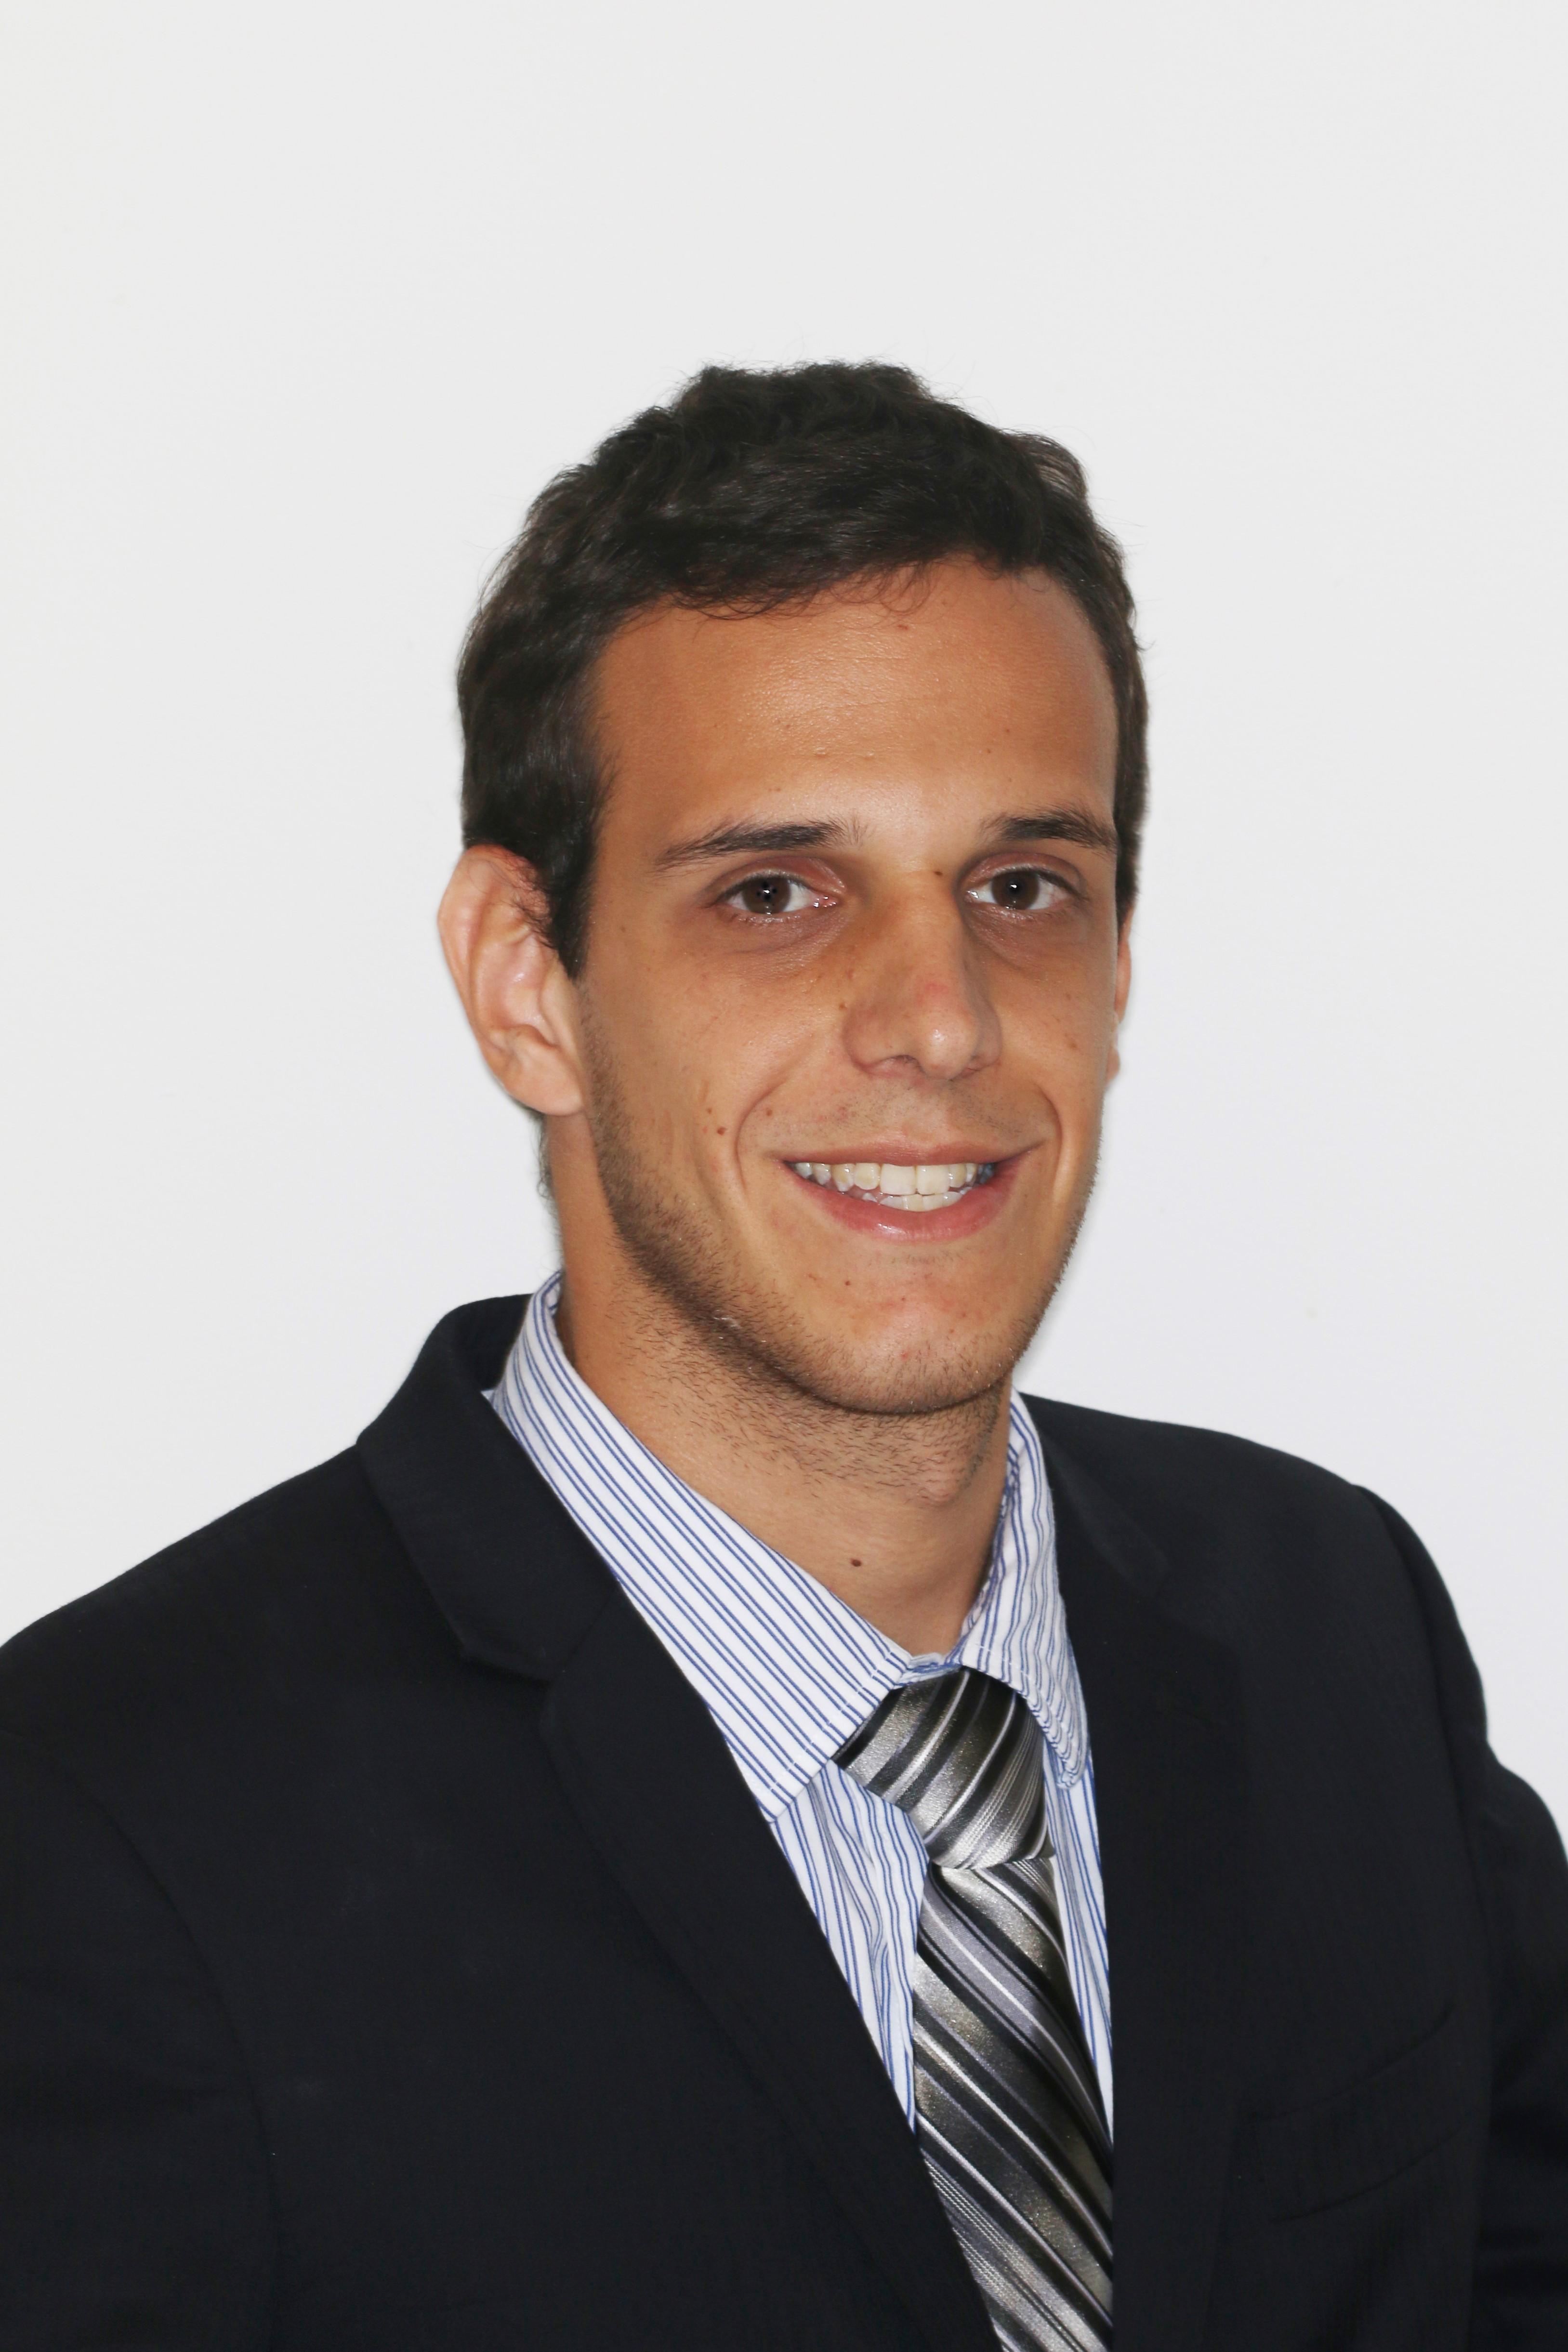 Fabio Antonio Piola Rizzante